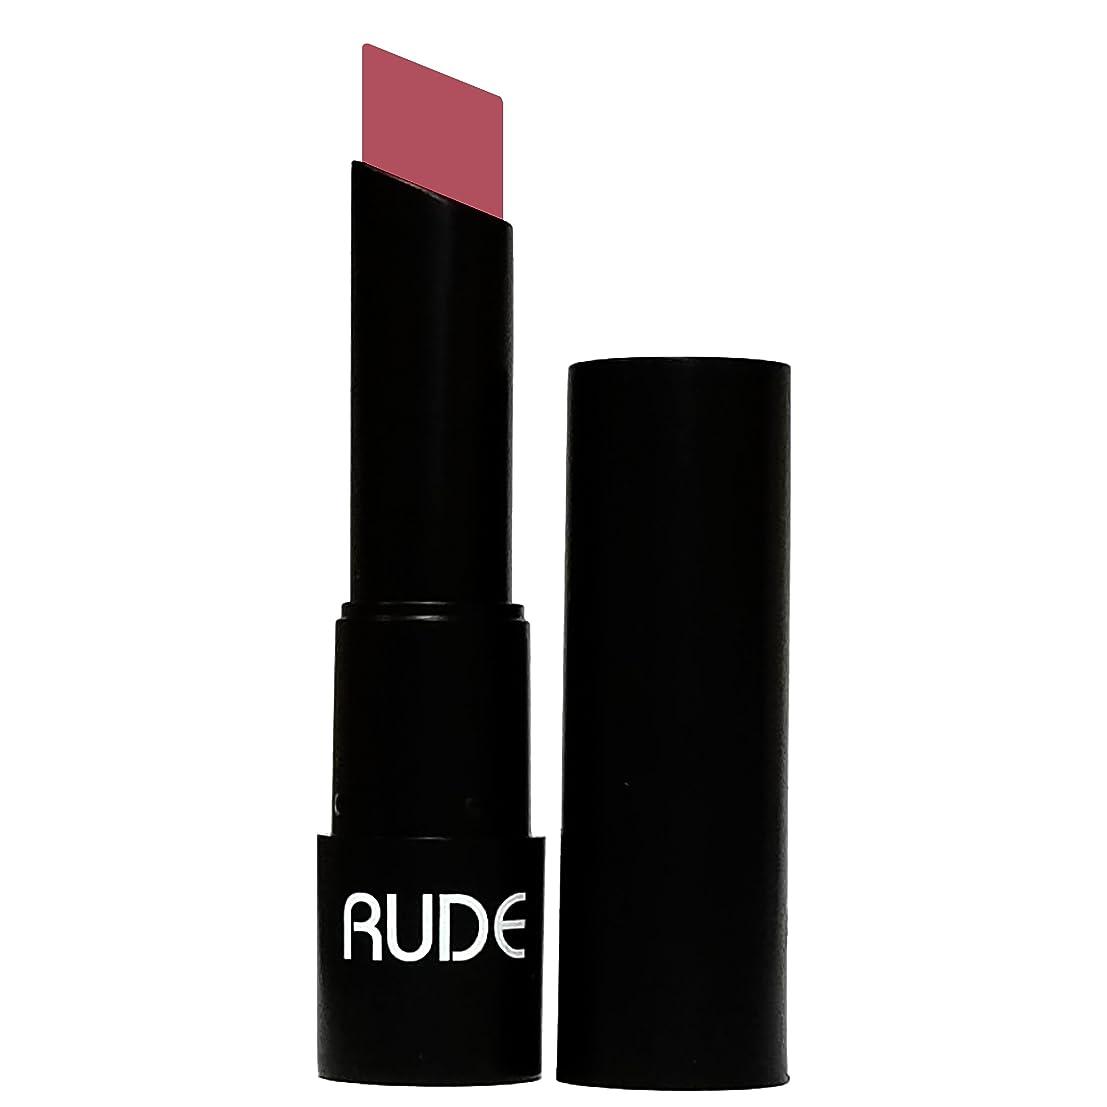 フルーツ野菜放射性職人(3 Pack) RUDE Attitude Matte Lipstick - Arrogant (並行輸入品)